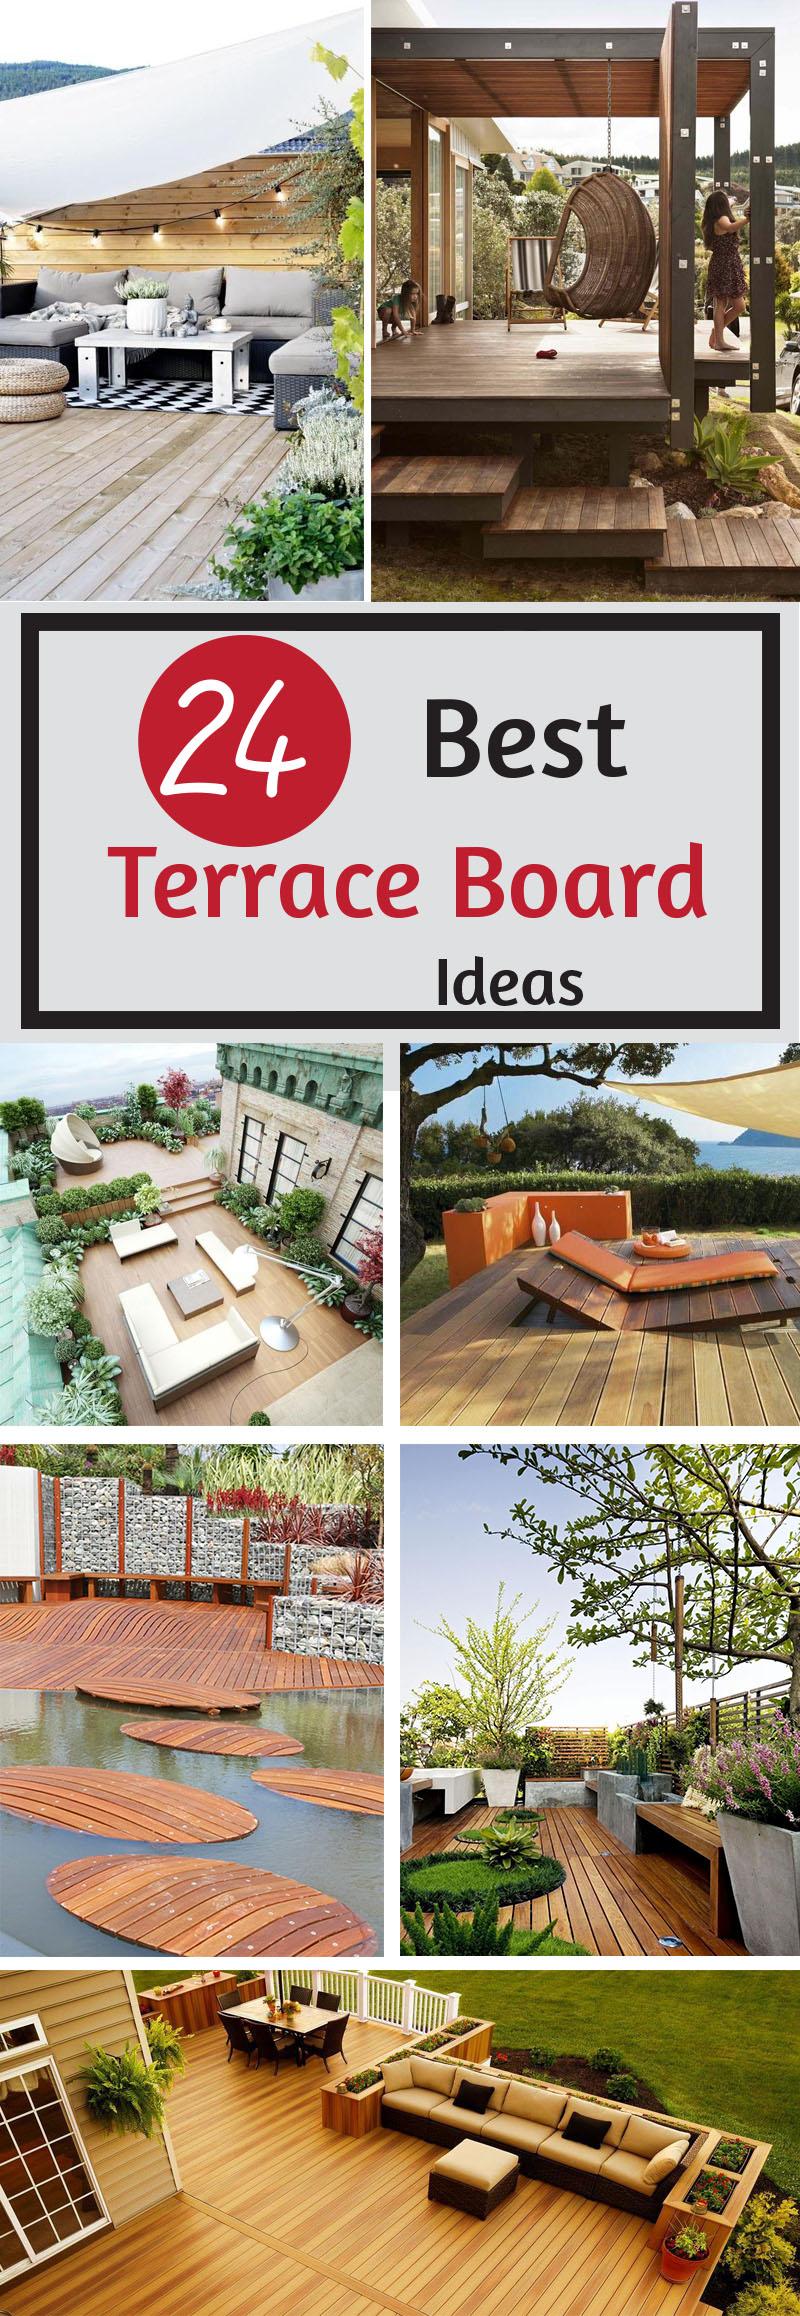 best terrace board ideas